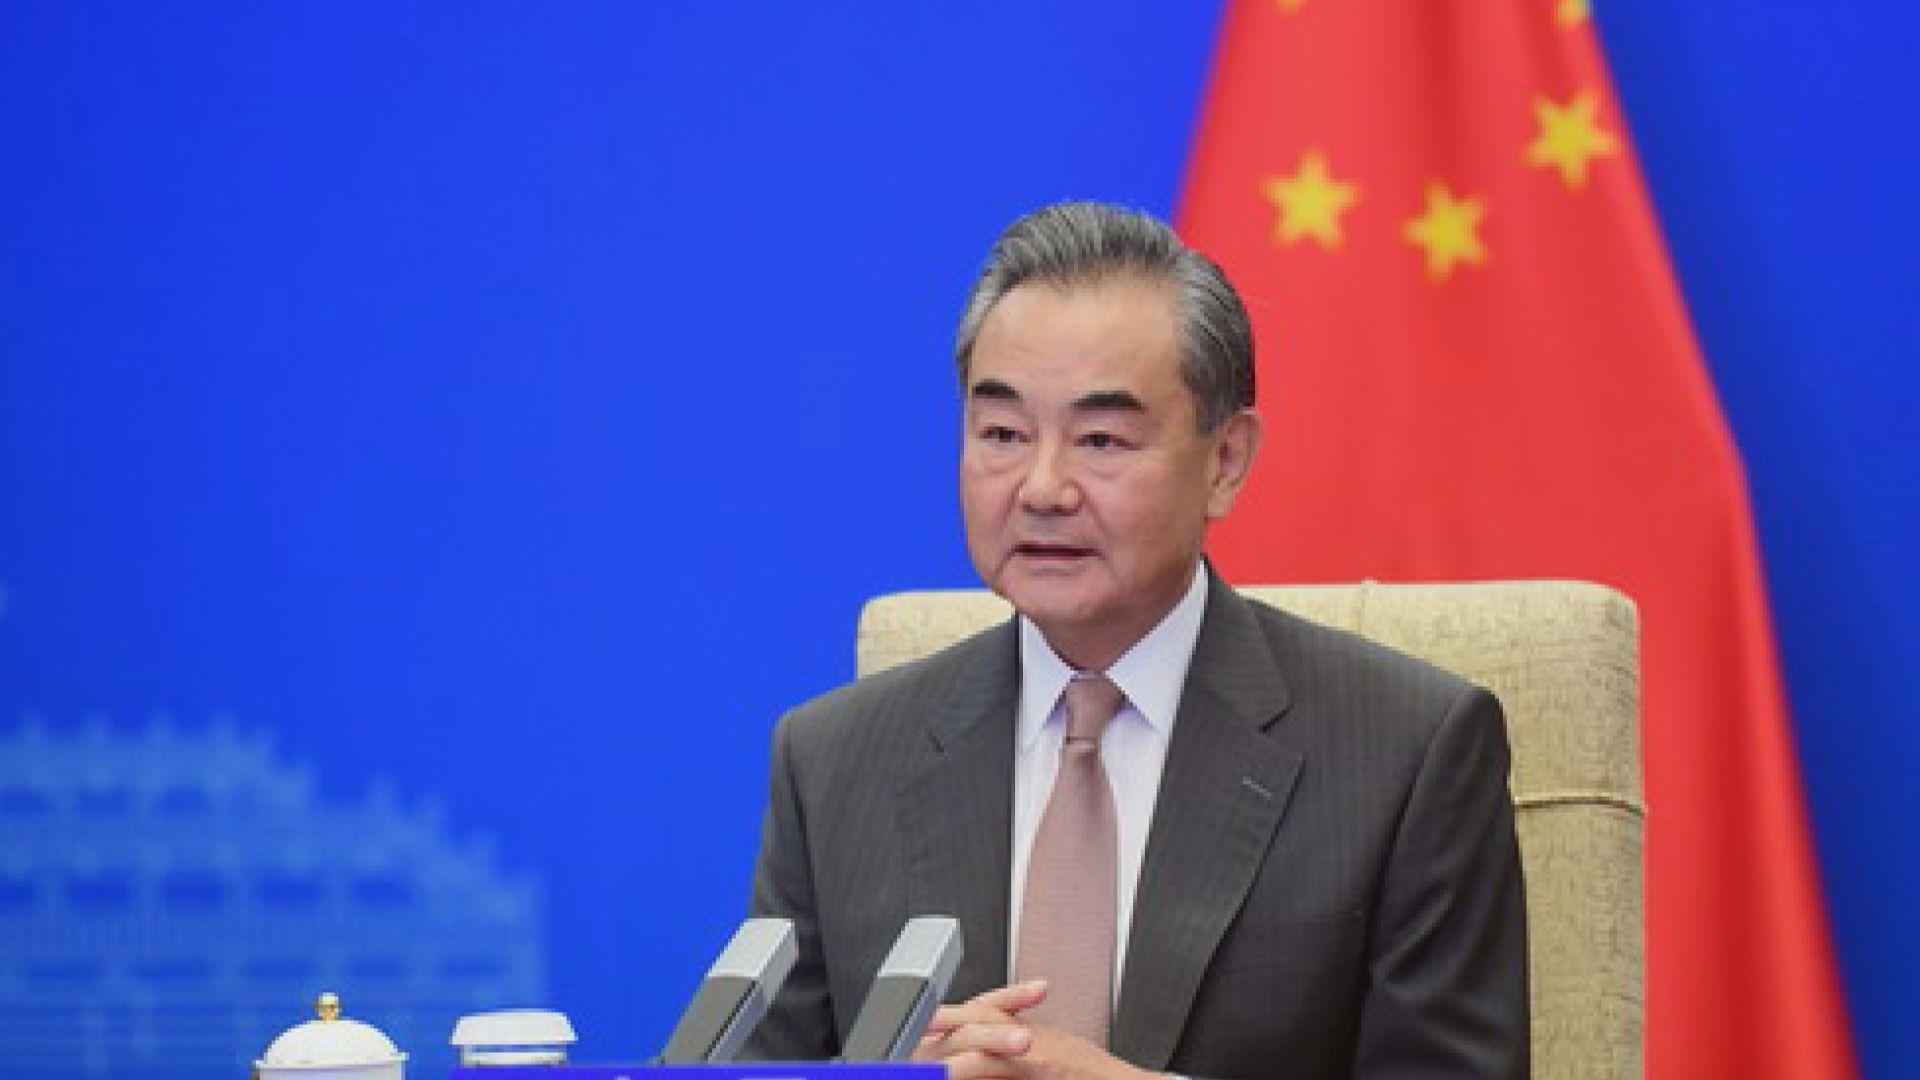 王毅:G20應堅持團結合作在全球抗疫中發揮領導力